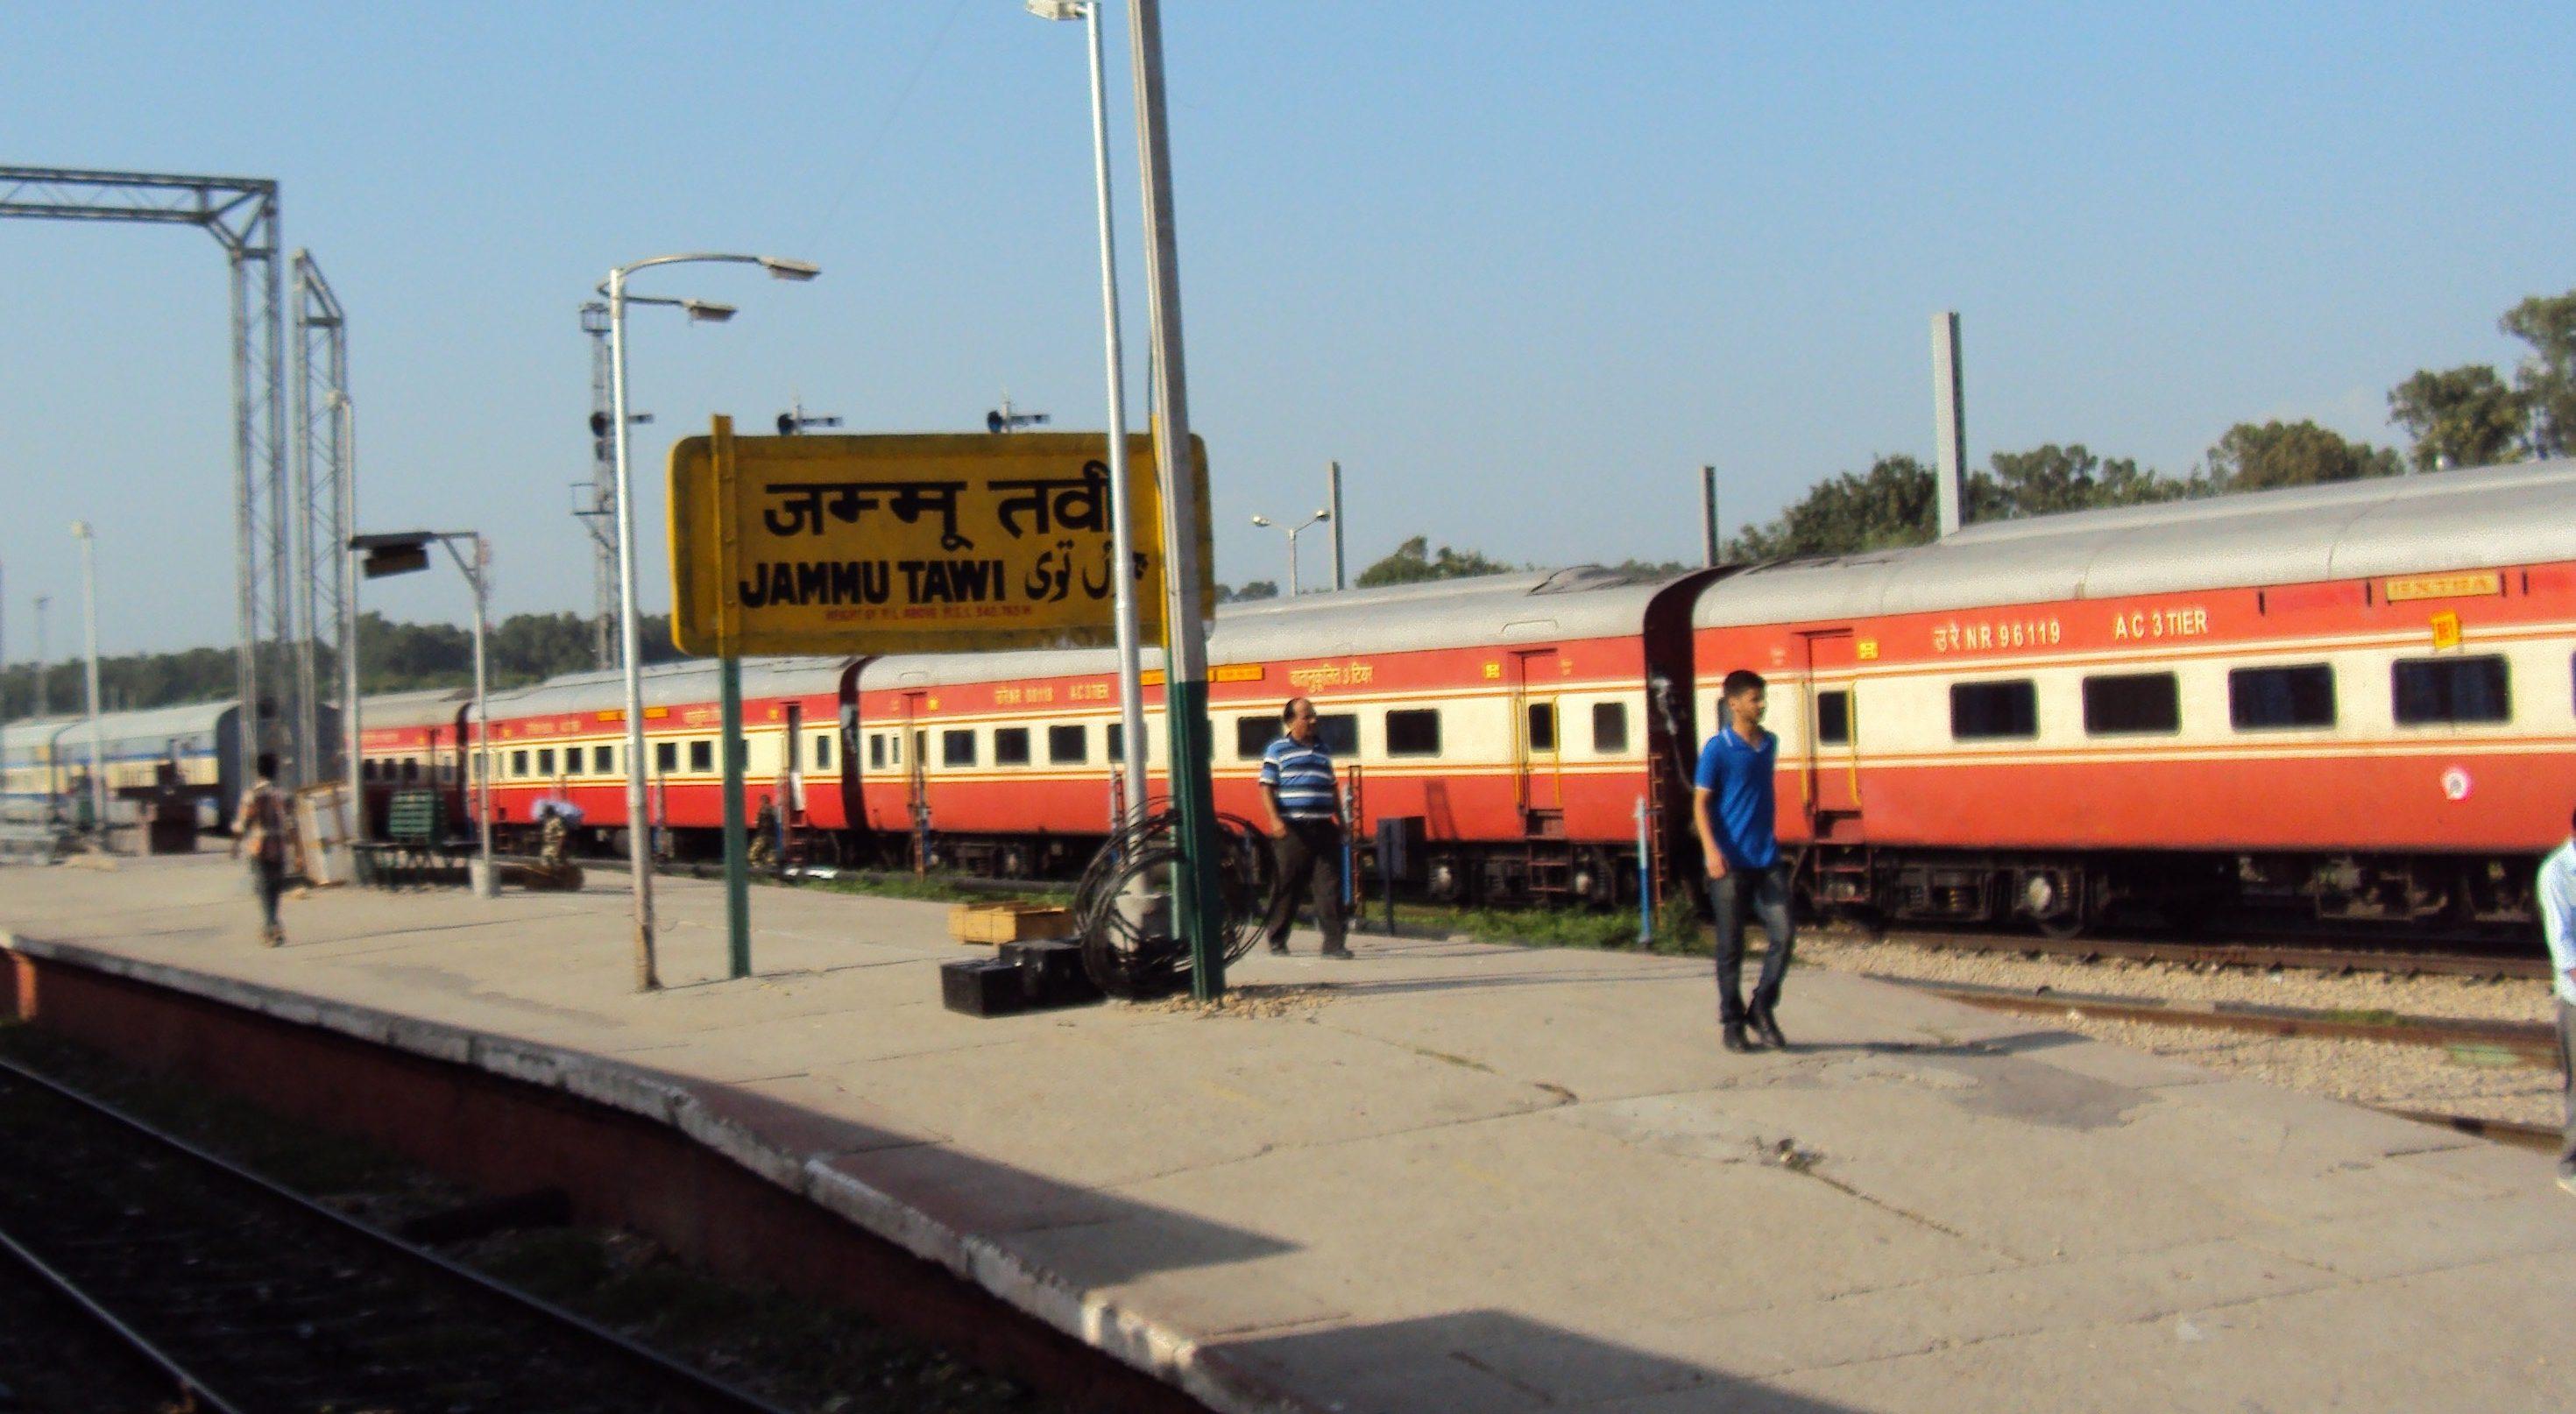 Jammu_Tawi_to_Delhi_-_Rail_side_views_02